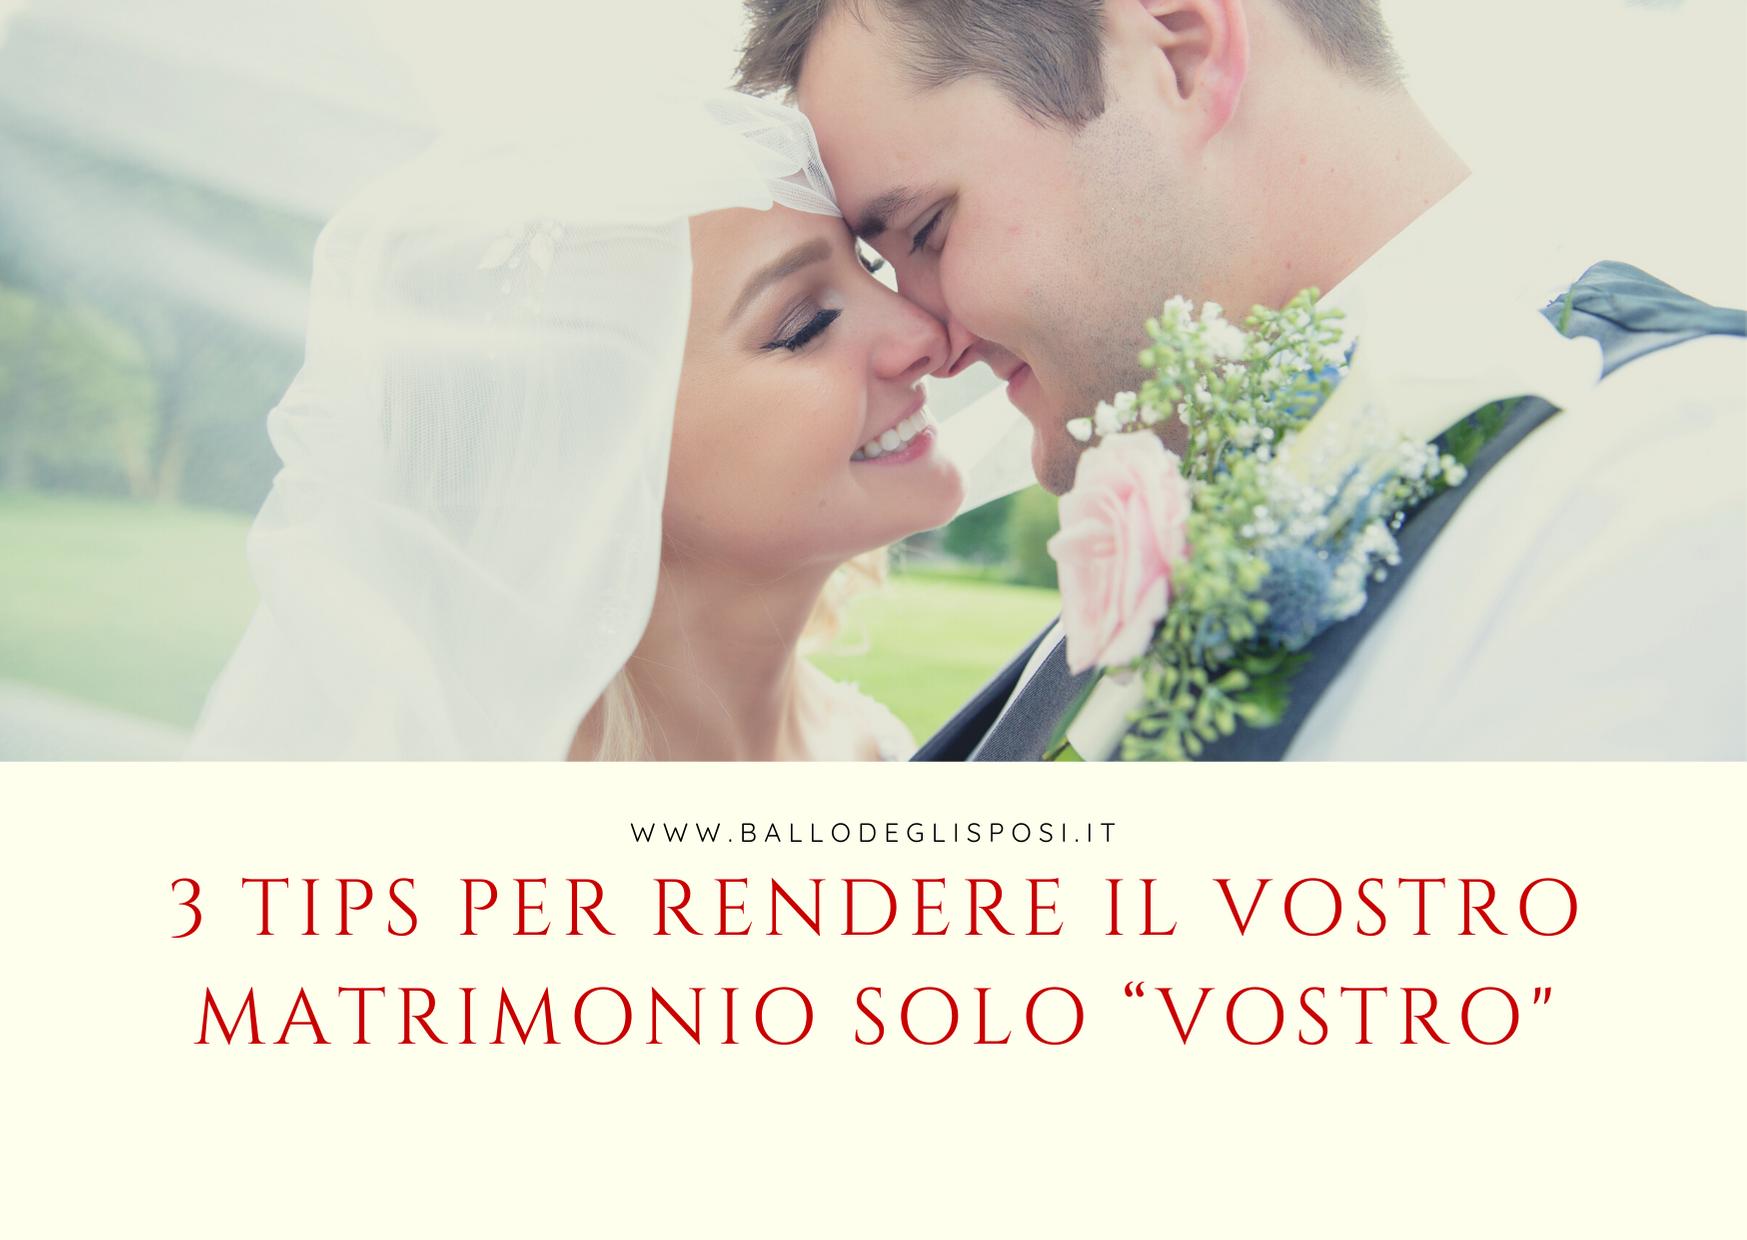 """3 tips per rendere il vostro Matrimonio  solo """"vostro"""""""